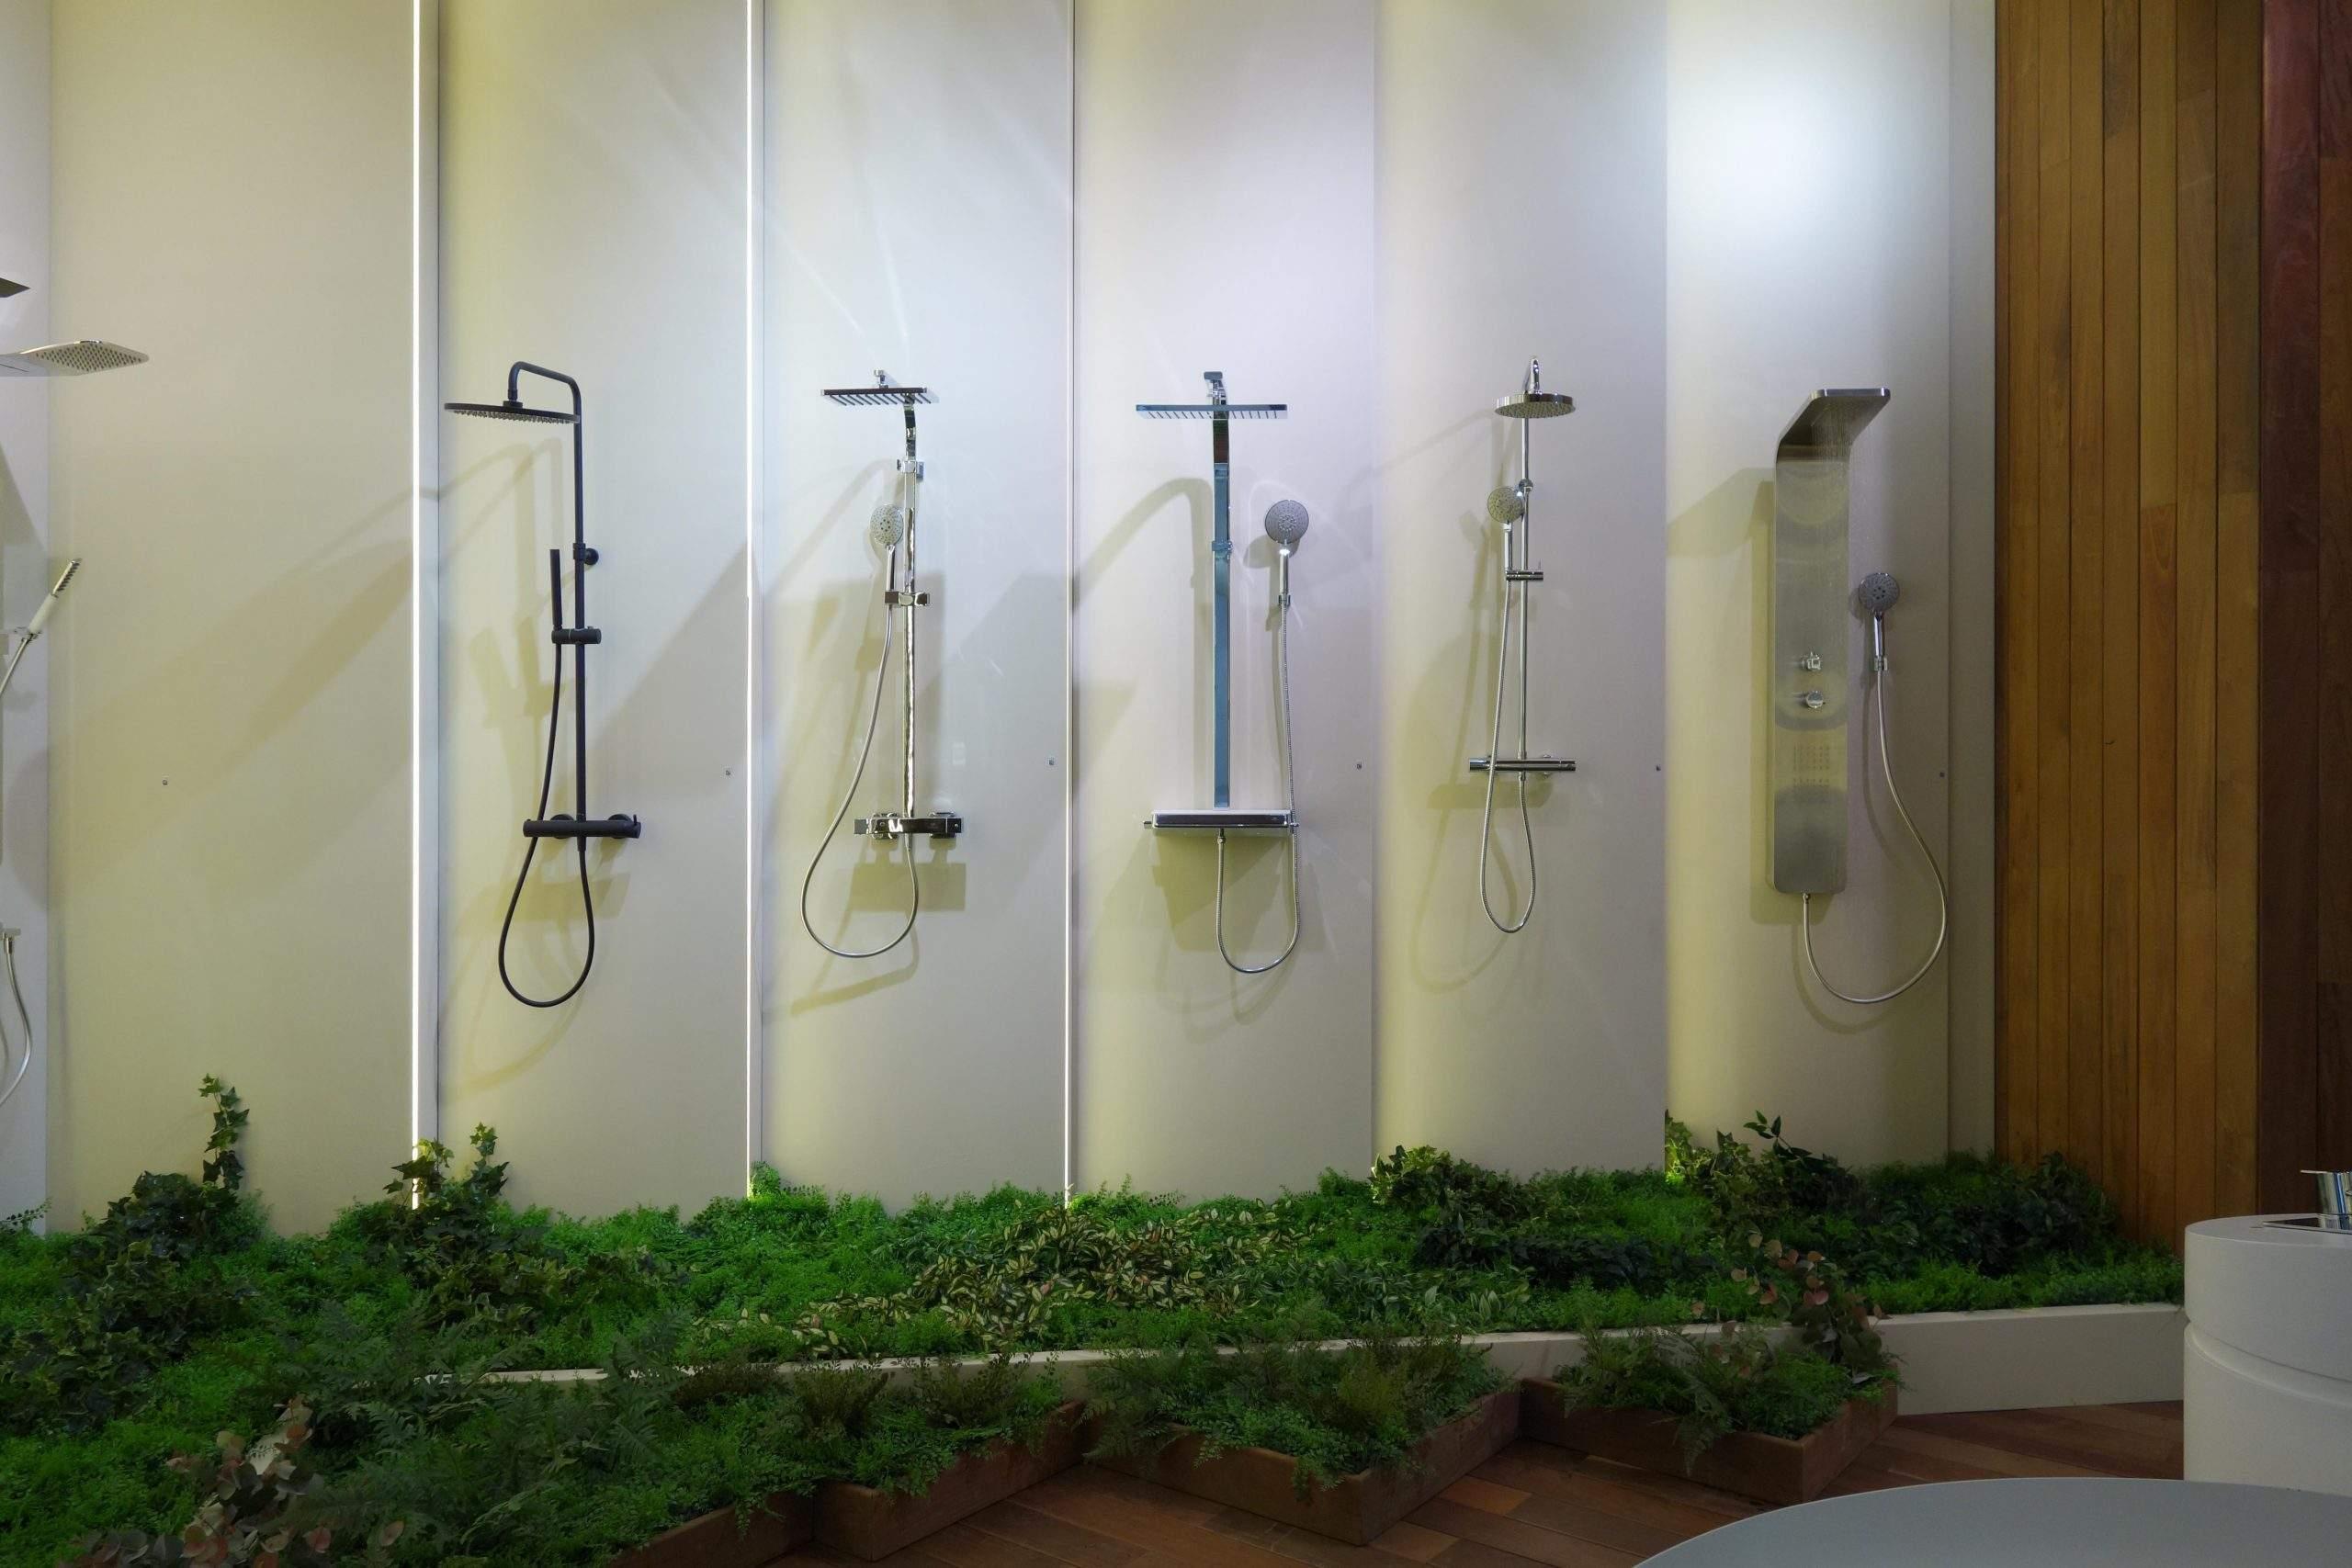 jardín de planta artificial noken porcelanosa bathroom